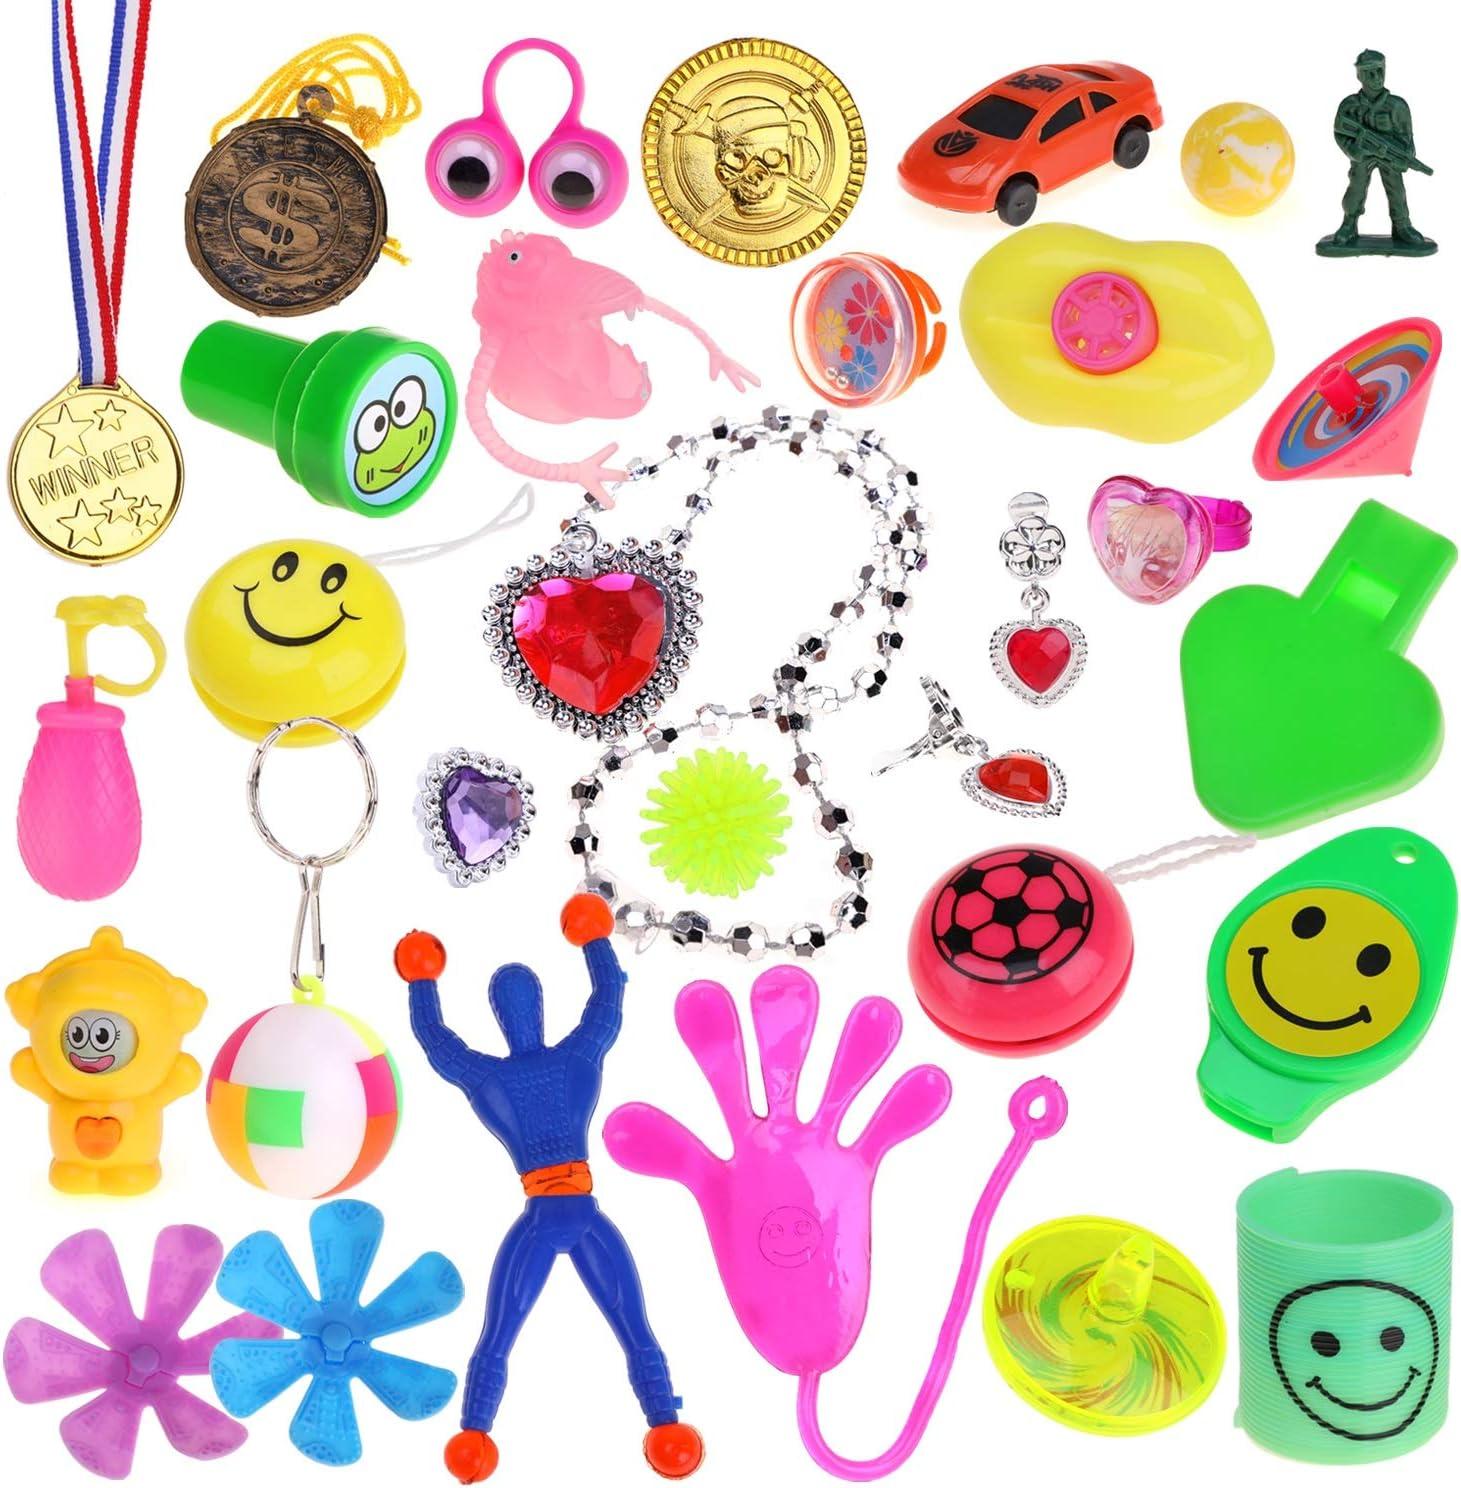 Ogni Uovo 6x4cm per Regalo di Pasqua Bambini Gadget Compleanno Howaf 30pcs Colorate Uova di Pasqua con Dentro 30 Giocattoli Diversi